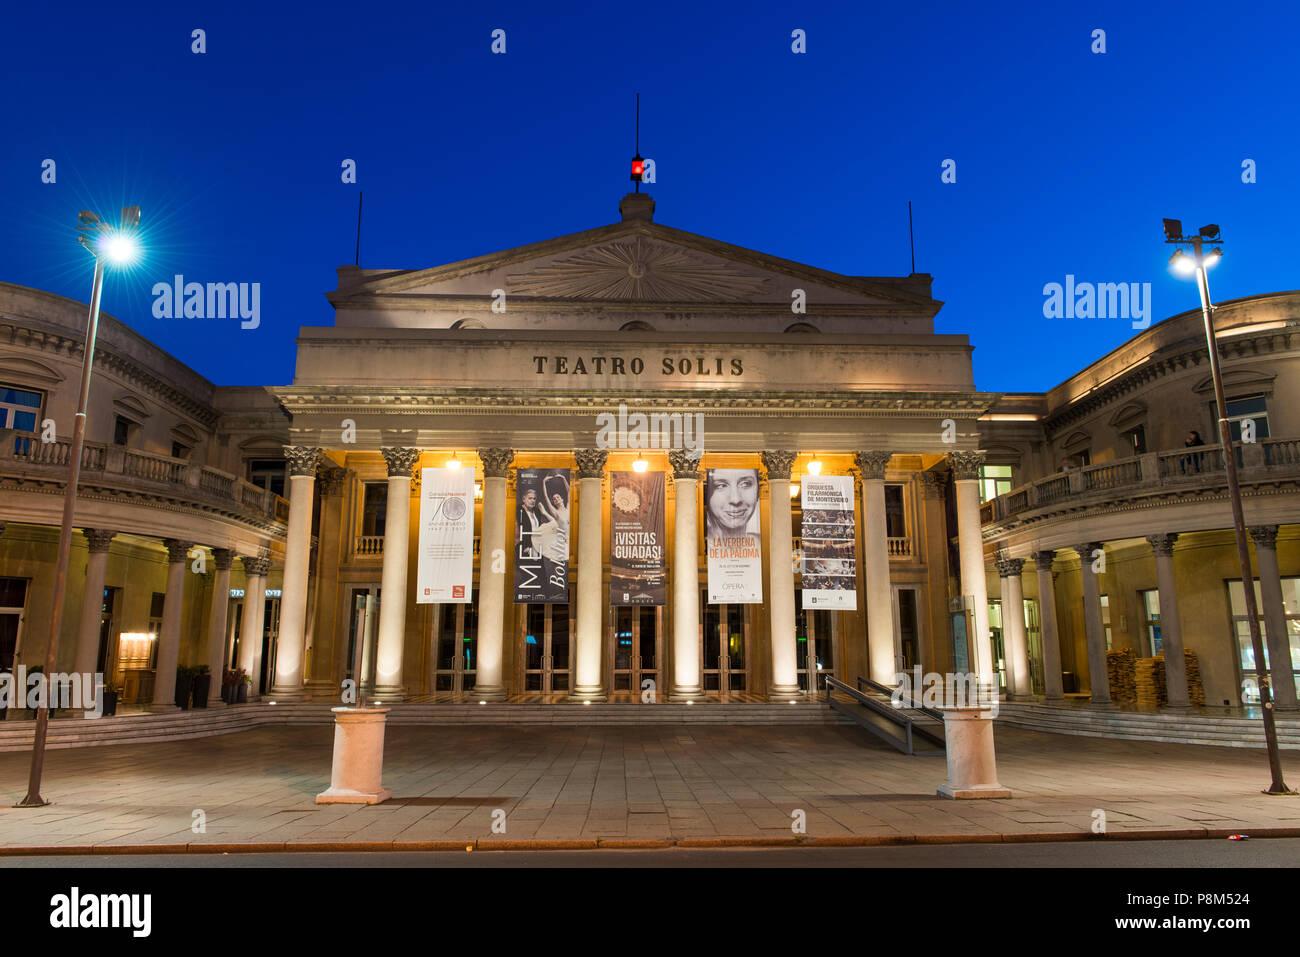 Teatro Solis, théâtre, Crépuscule, Montevideo, Uruguay Photo Stock